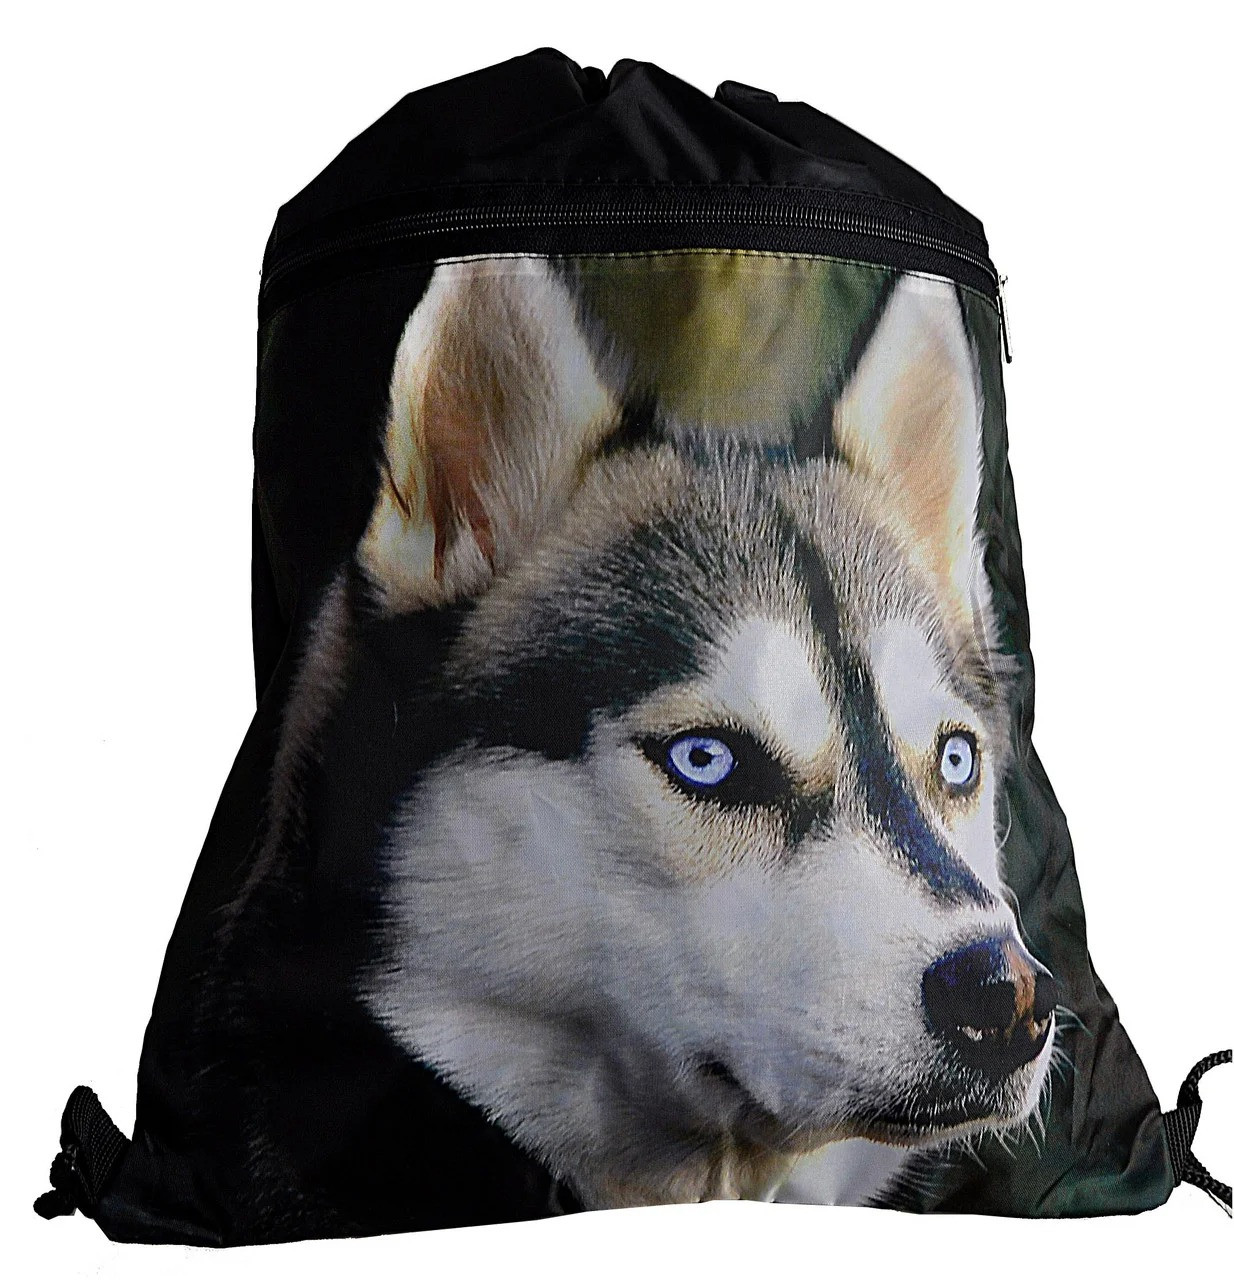 Сумка-рюкзак для сменки на шнурках Хаскі з великою кишенею зпереду Vombato 7863